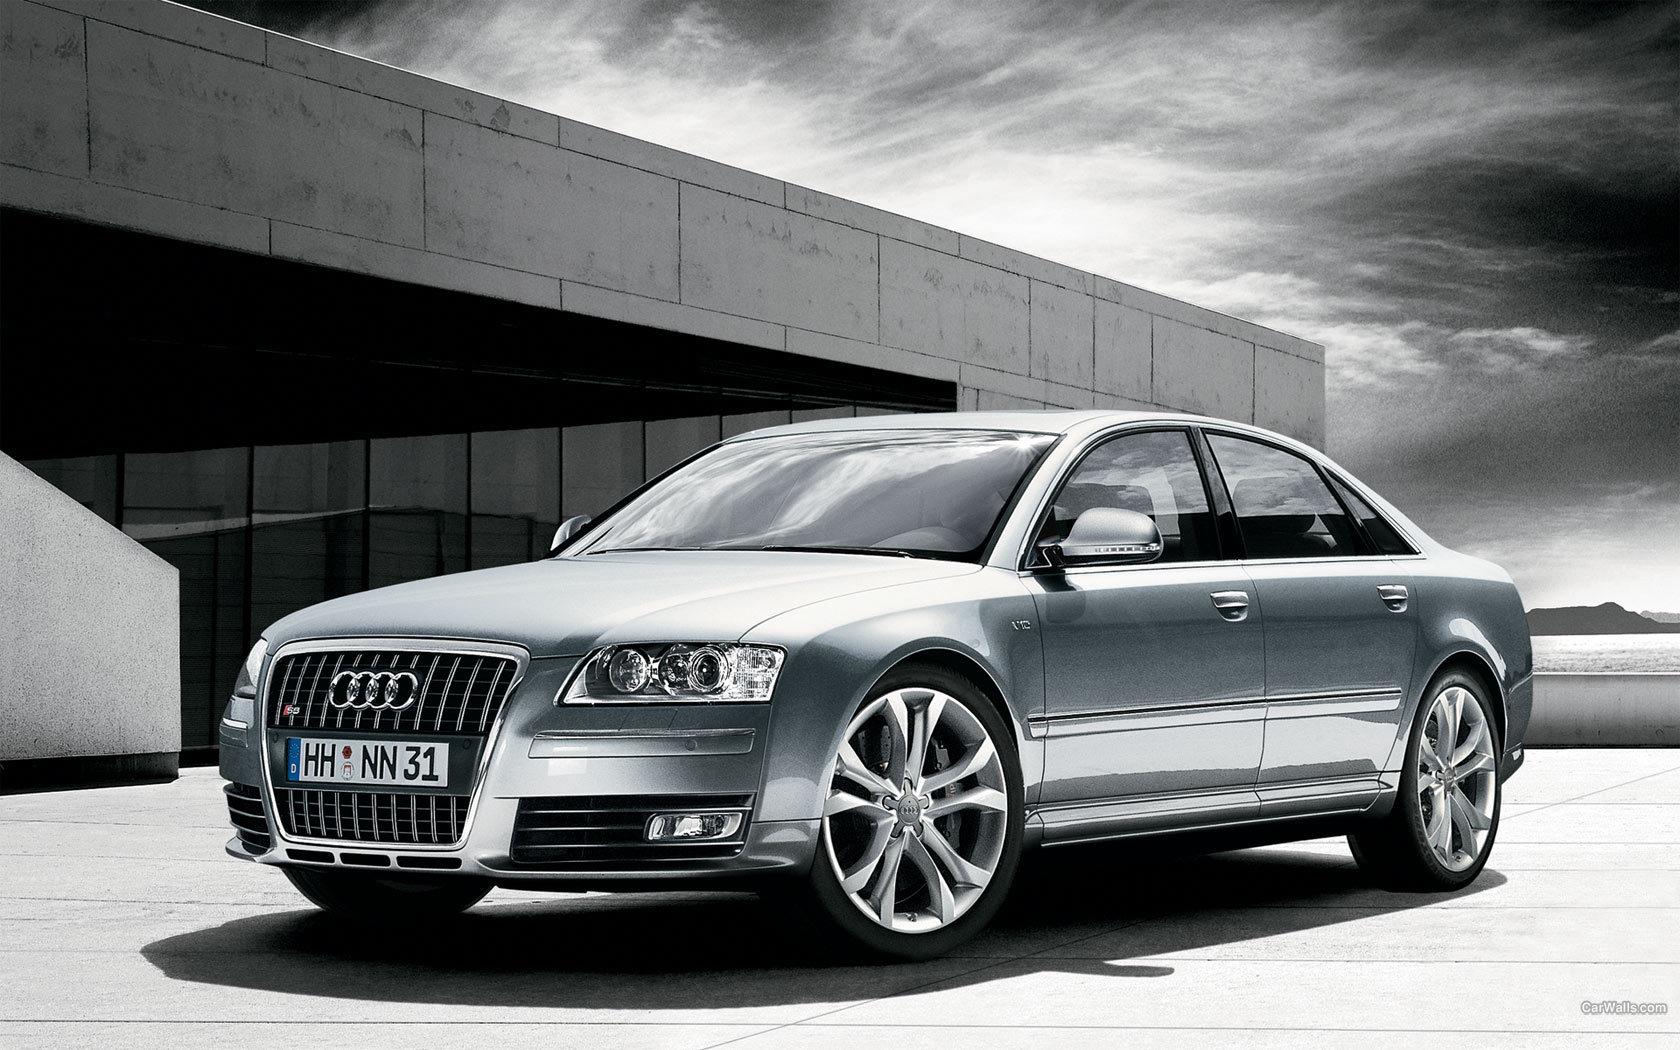 10469 скачать обои Транспорт, Машины, Ауди (Audi) - заставки и картинки бесплатно